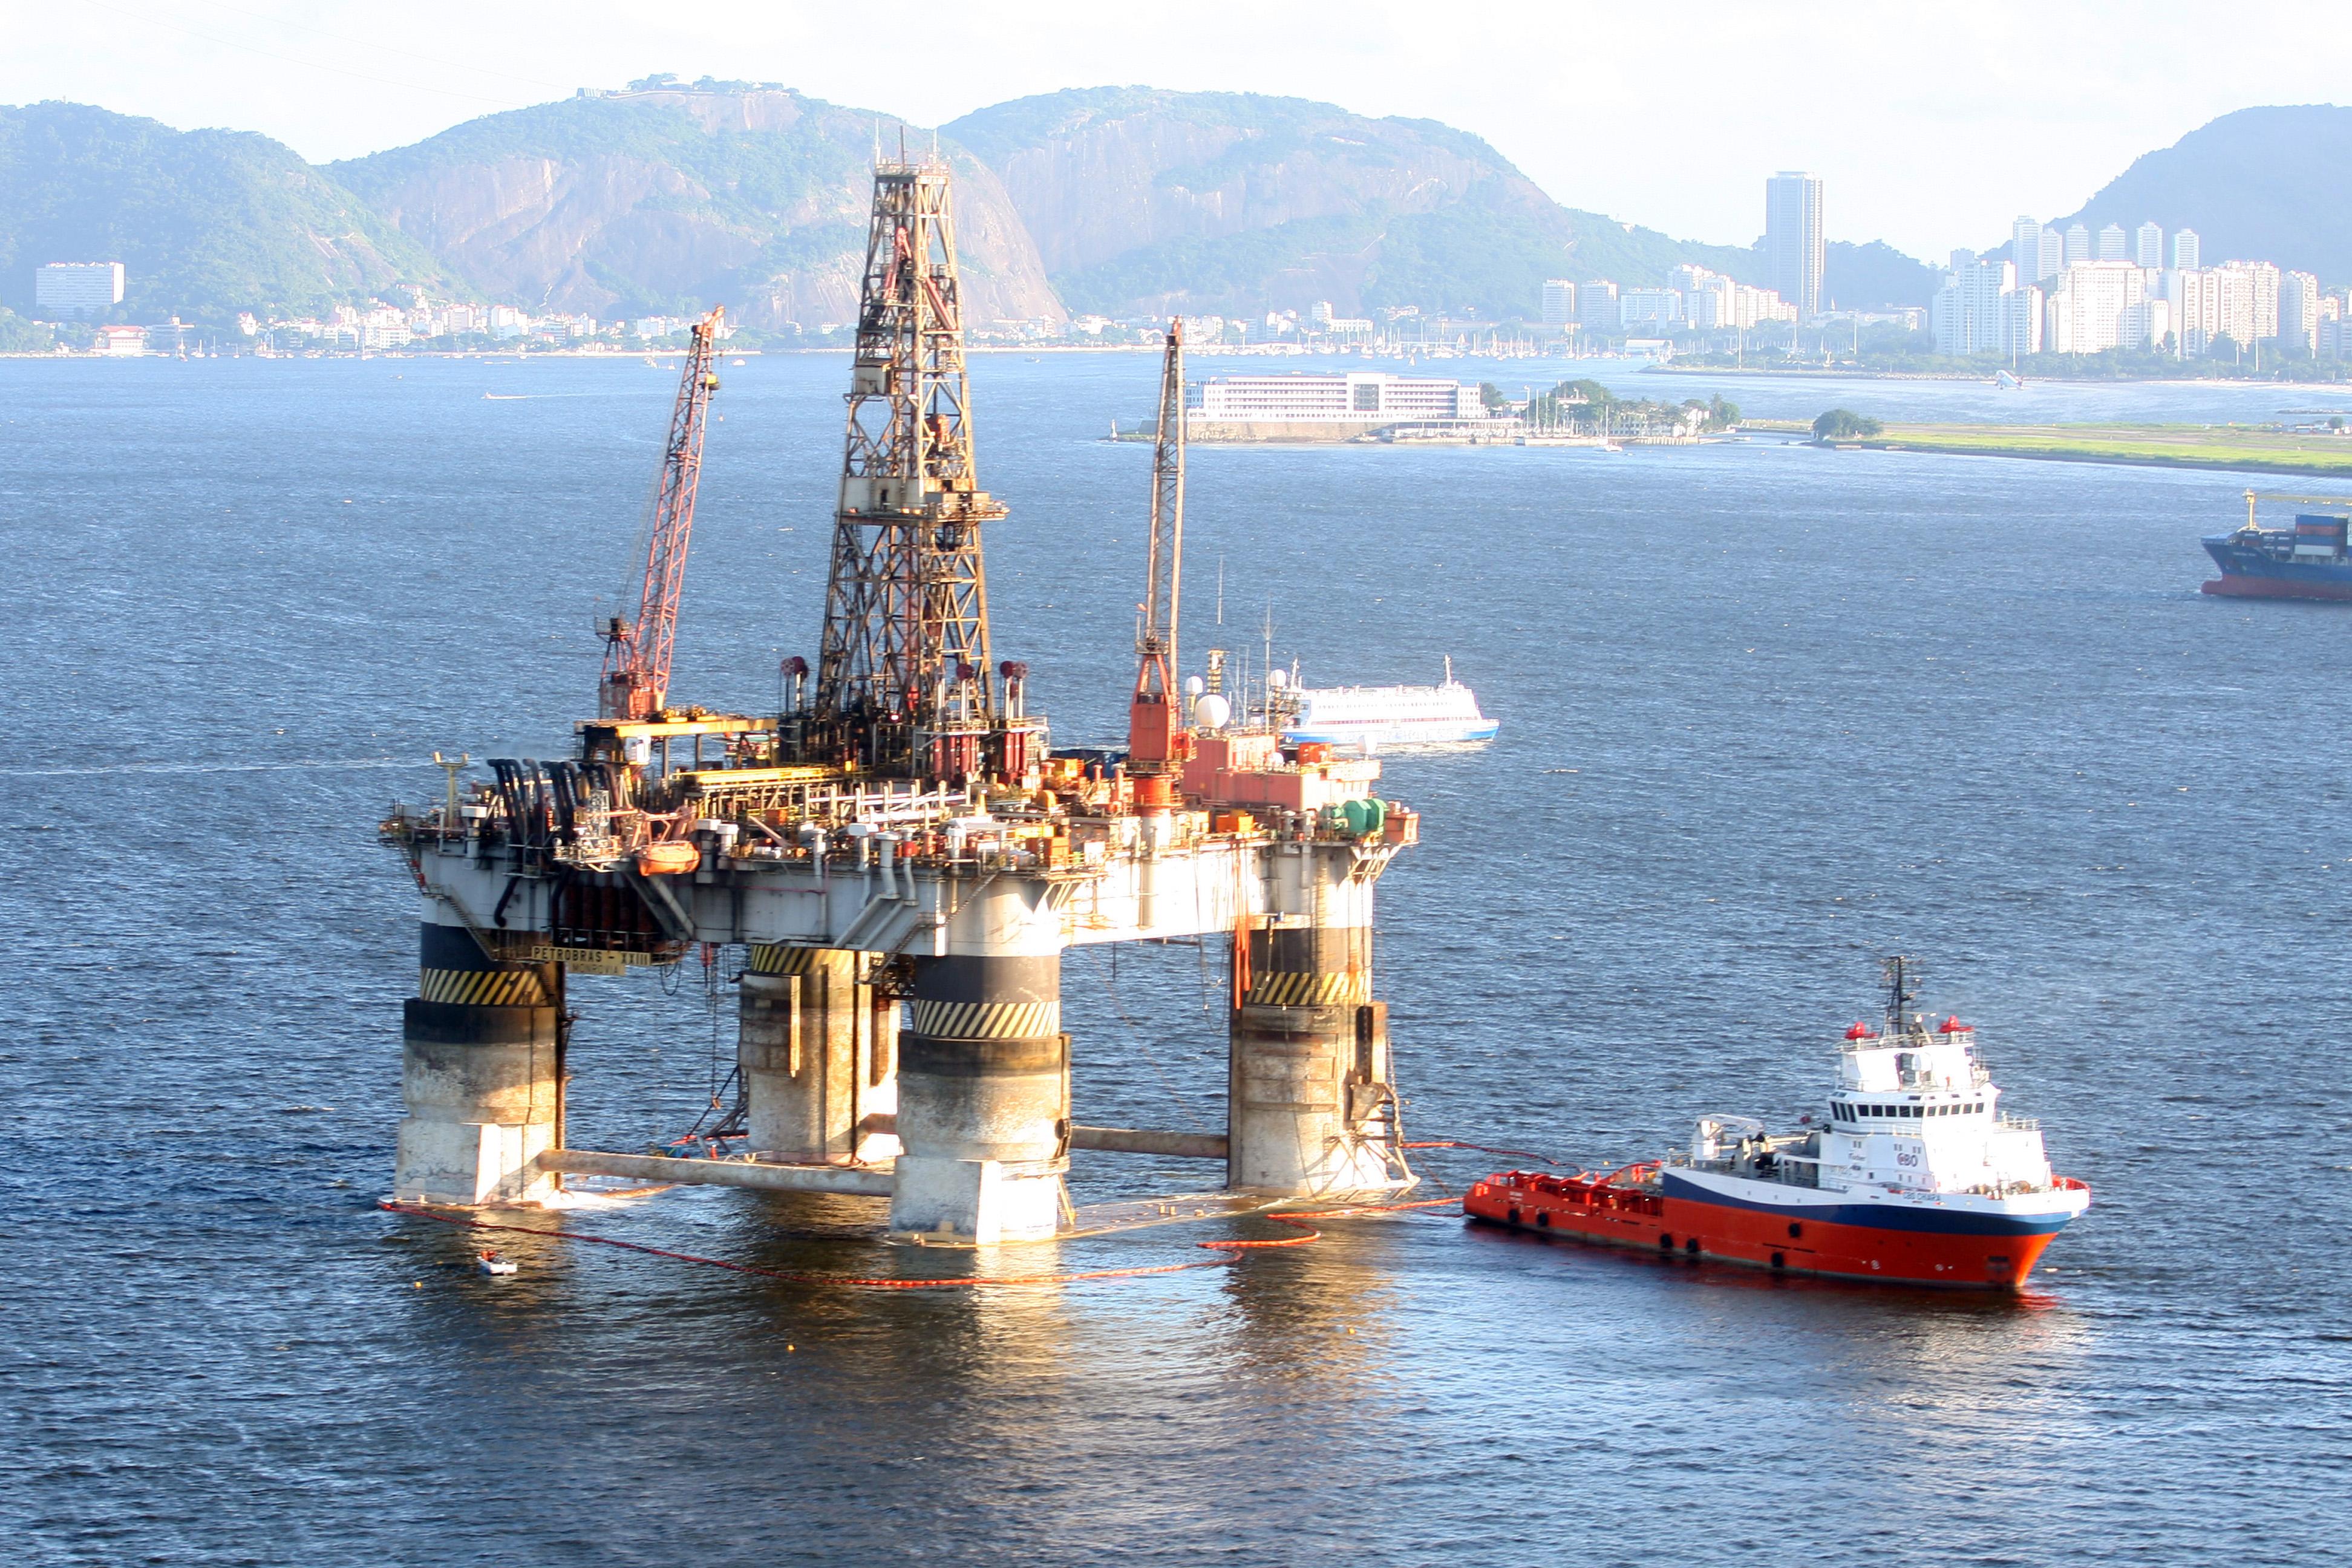 Vagas offshore em parada de produção para o dia 6 de junho Mandem seus currículos agora